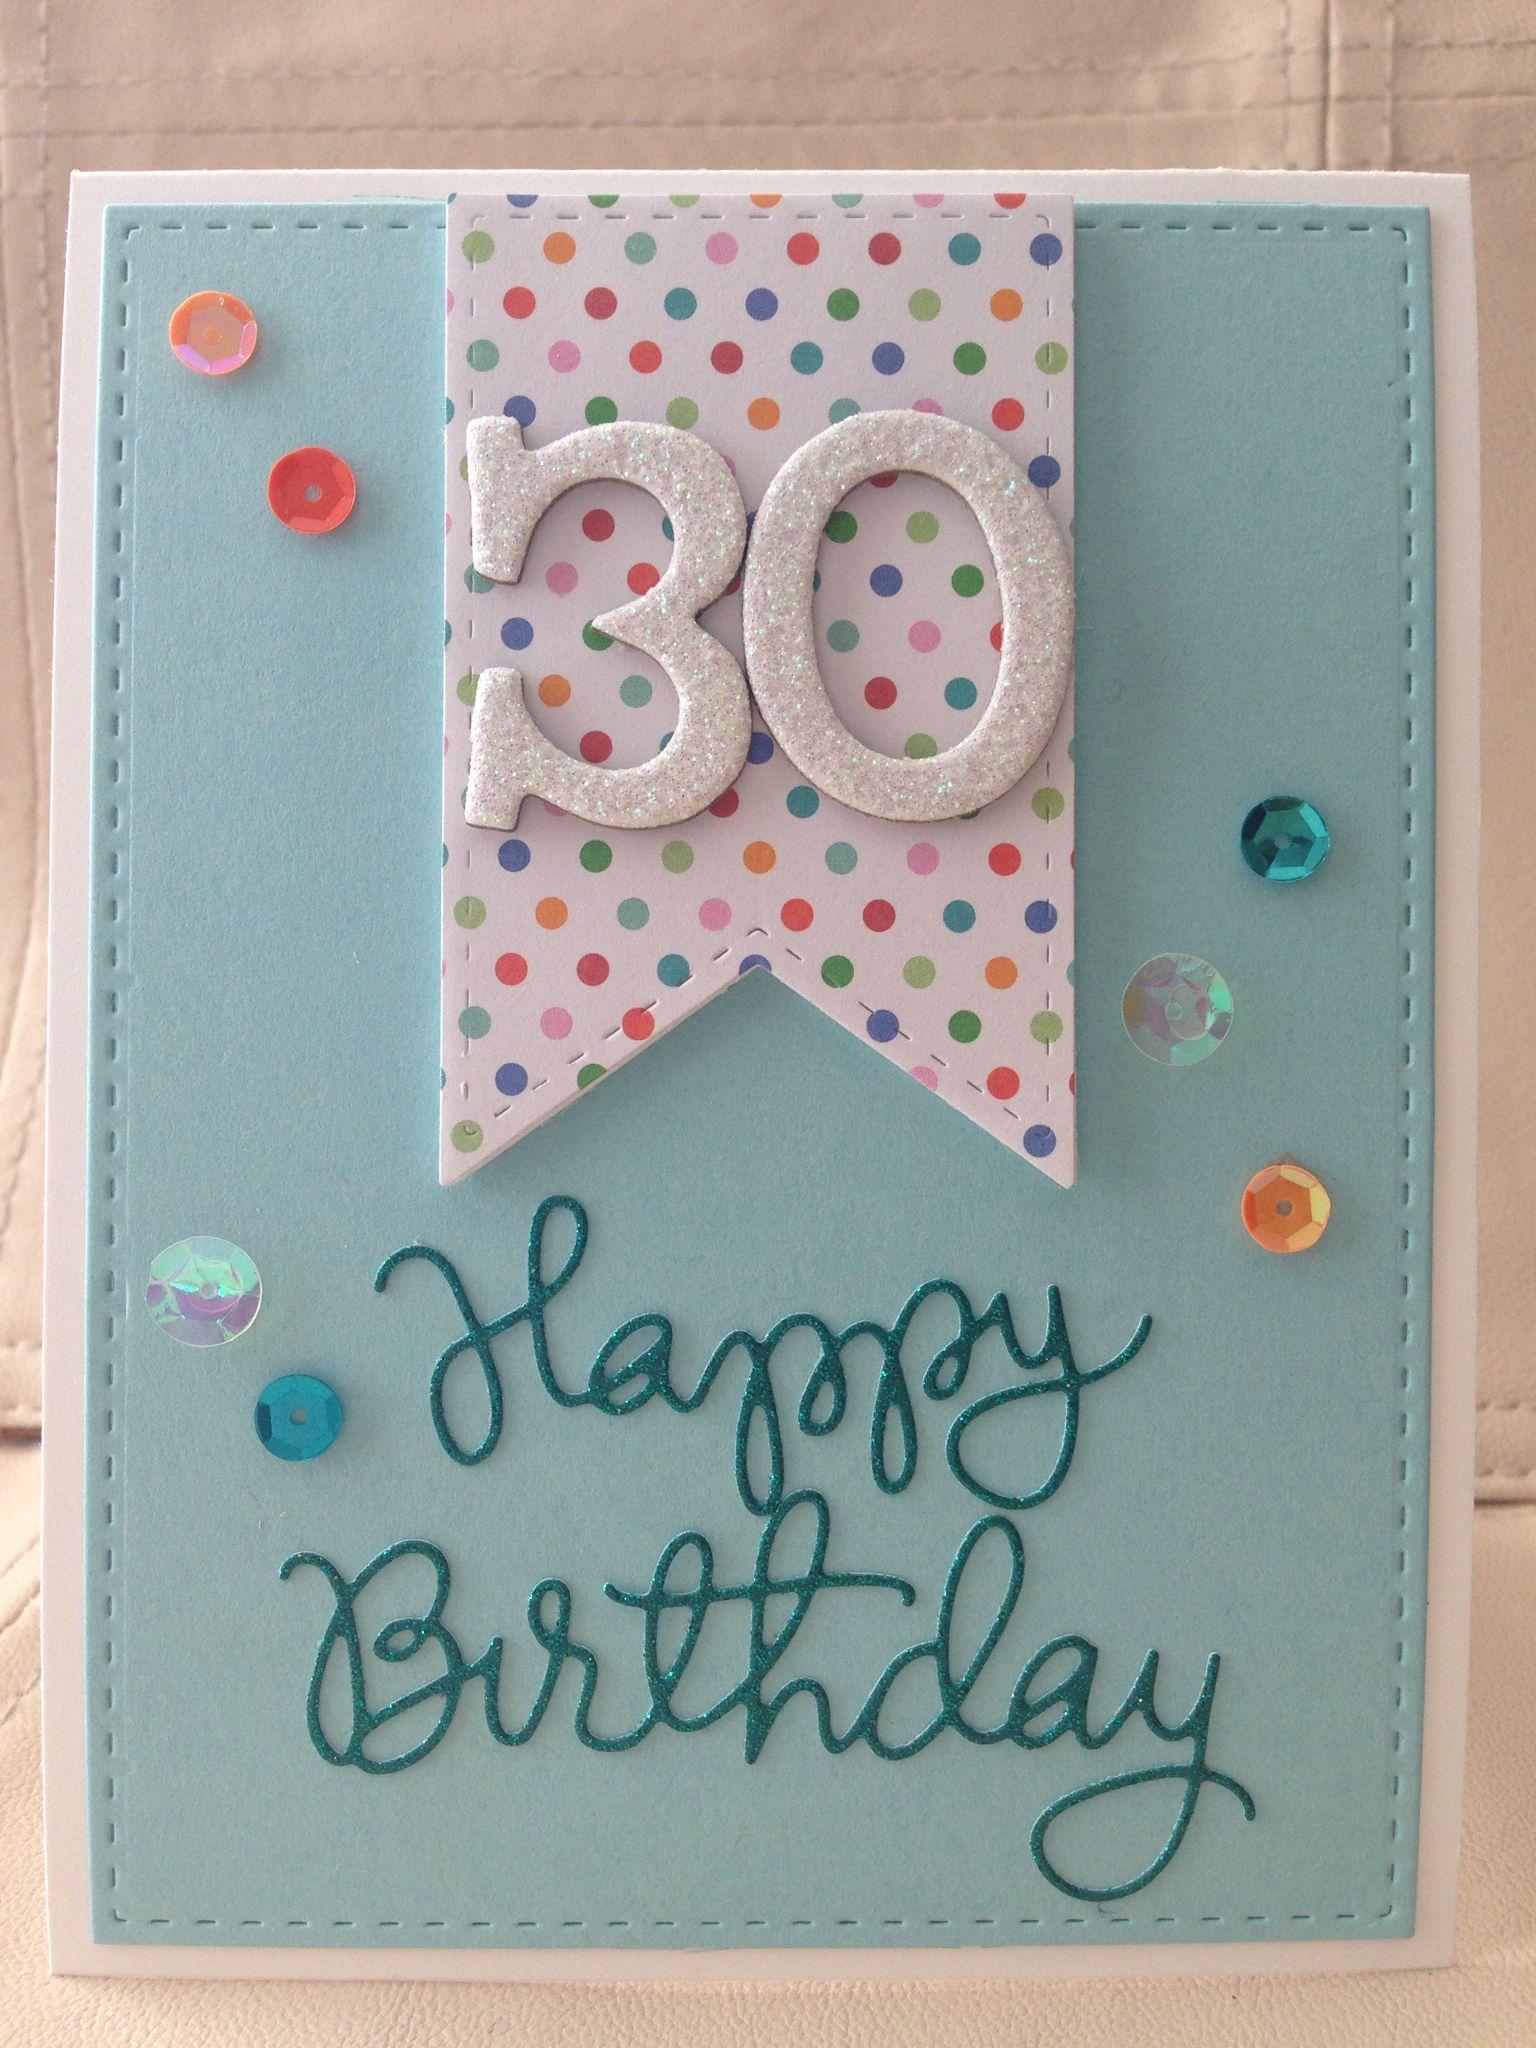 Geburtstagswunsche 30 schatz